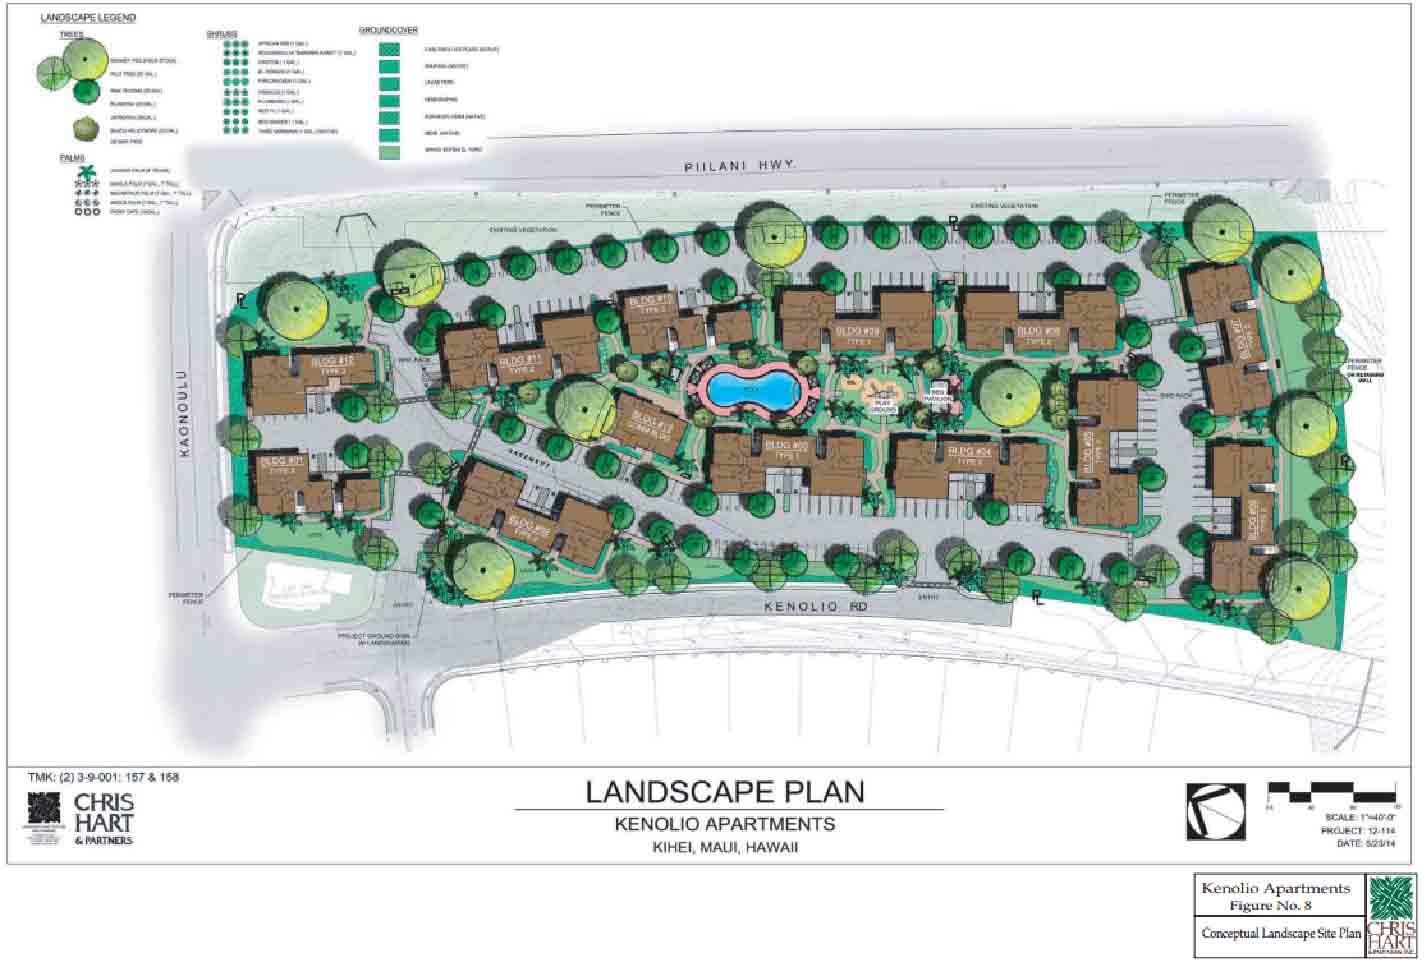 Kenolio landscape plan. Image credit: Chris Hart & Partners via Office of Council Services.